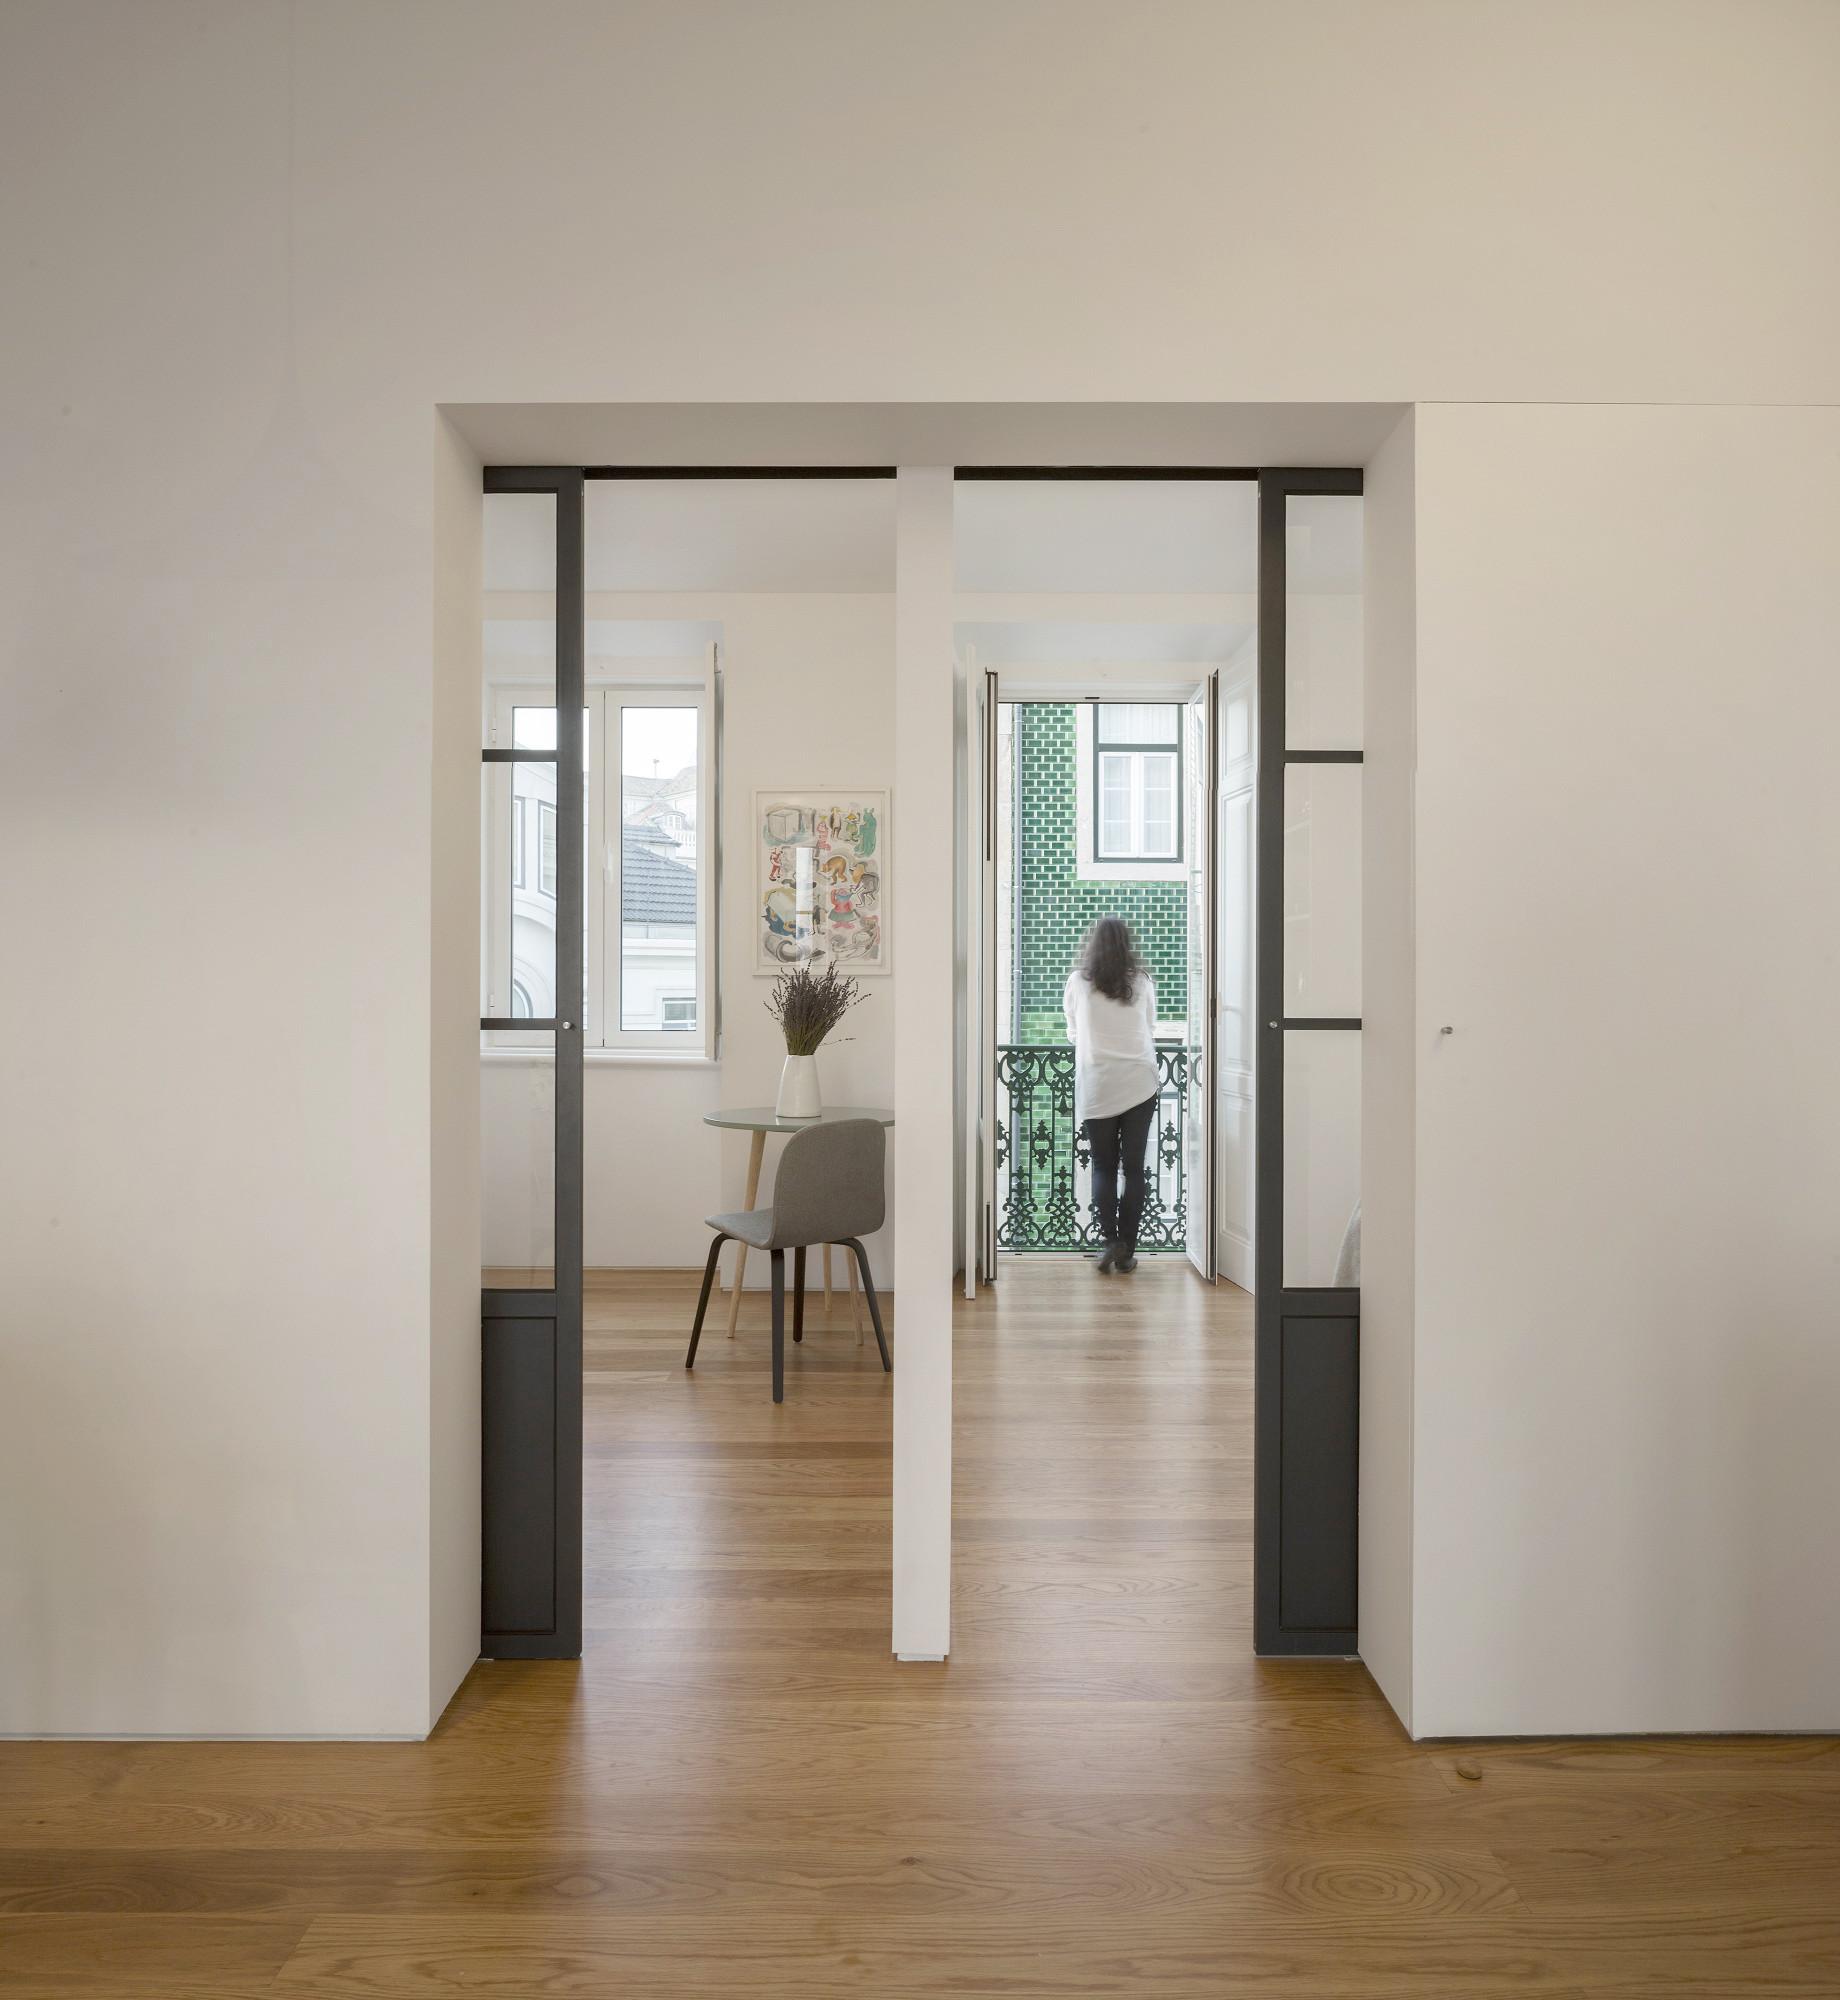 Apartamento em Príncipe Real / fala atelier, © Fernando Guerra | FG+SG